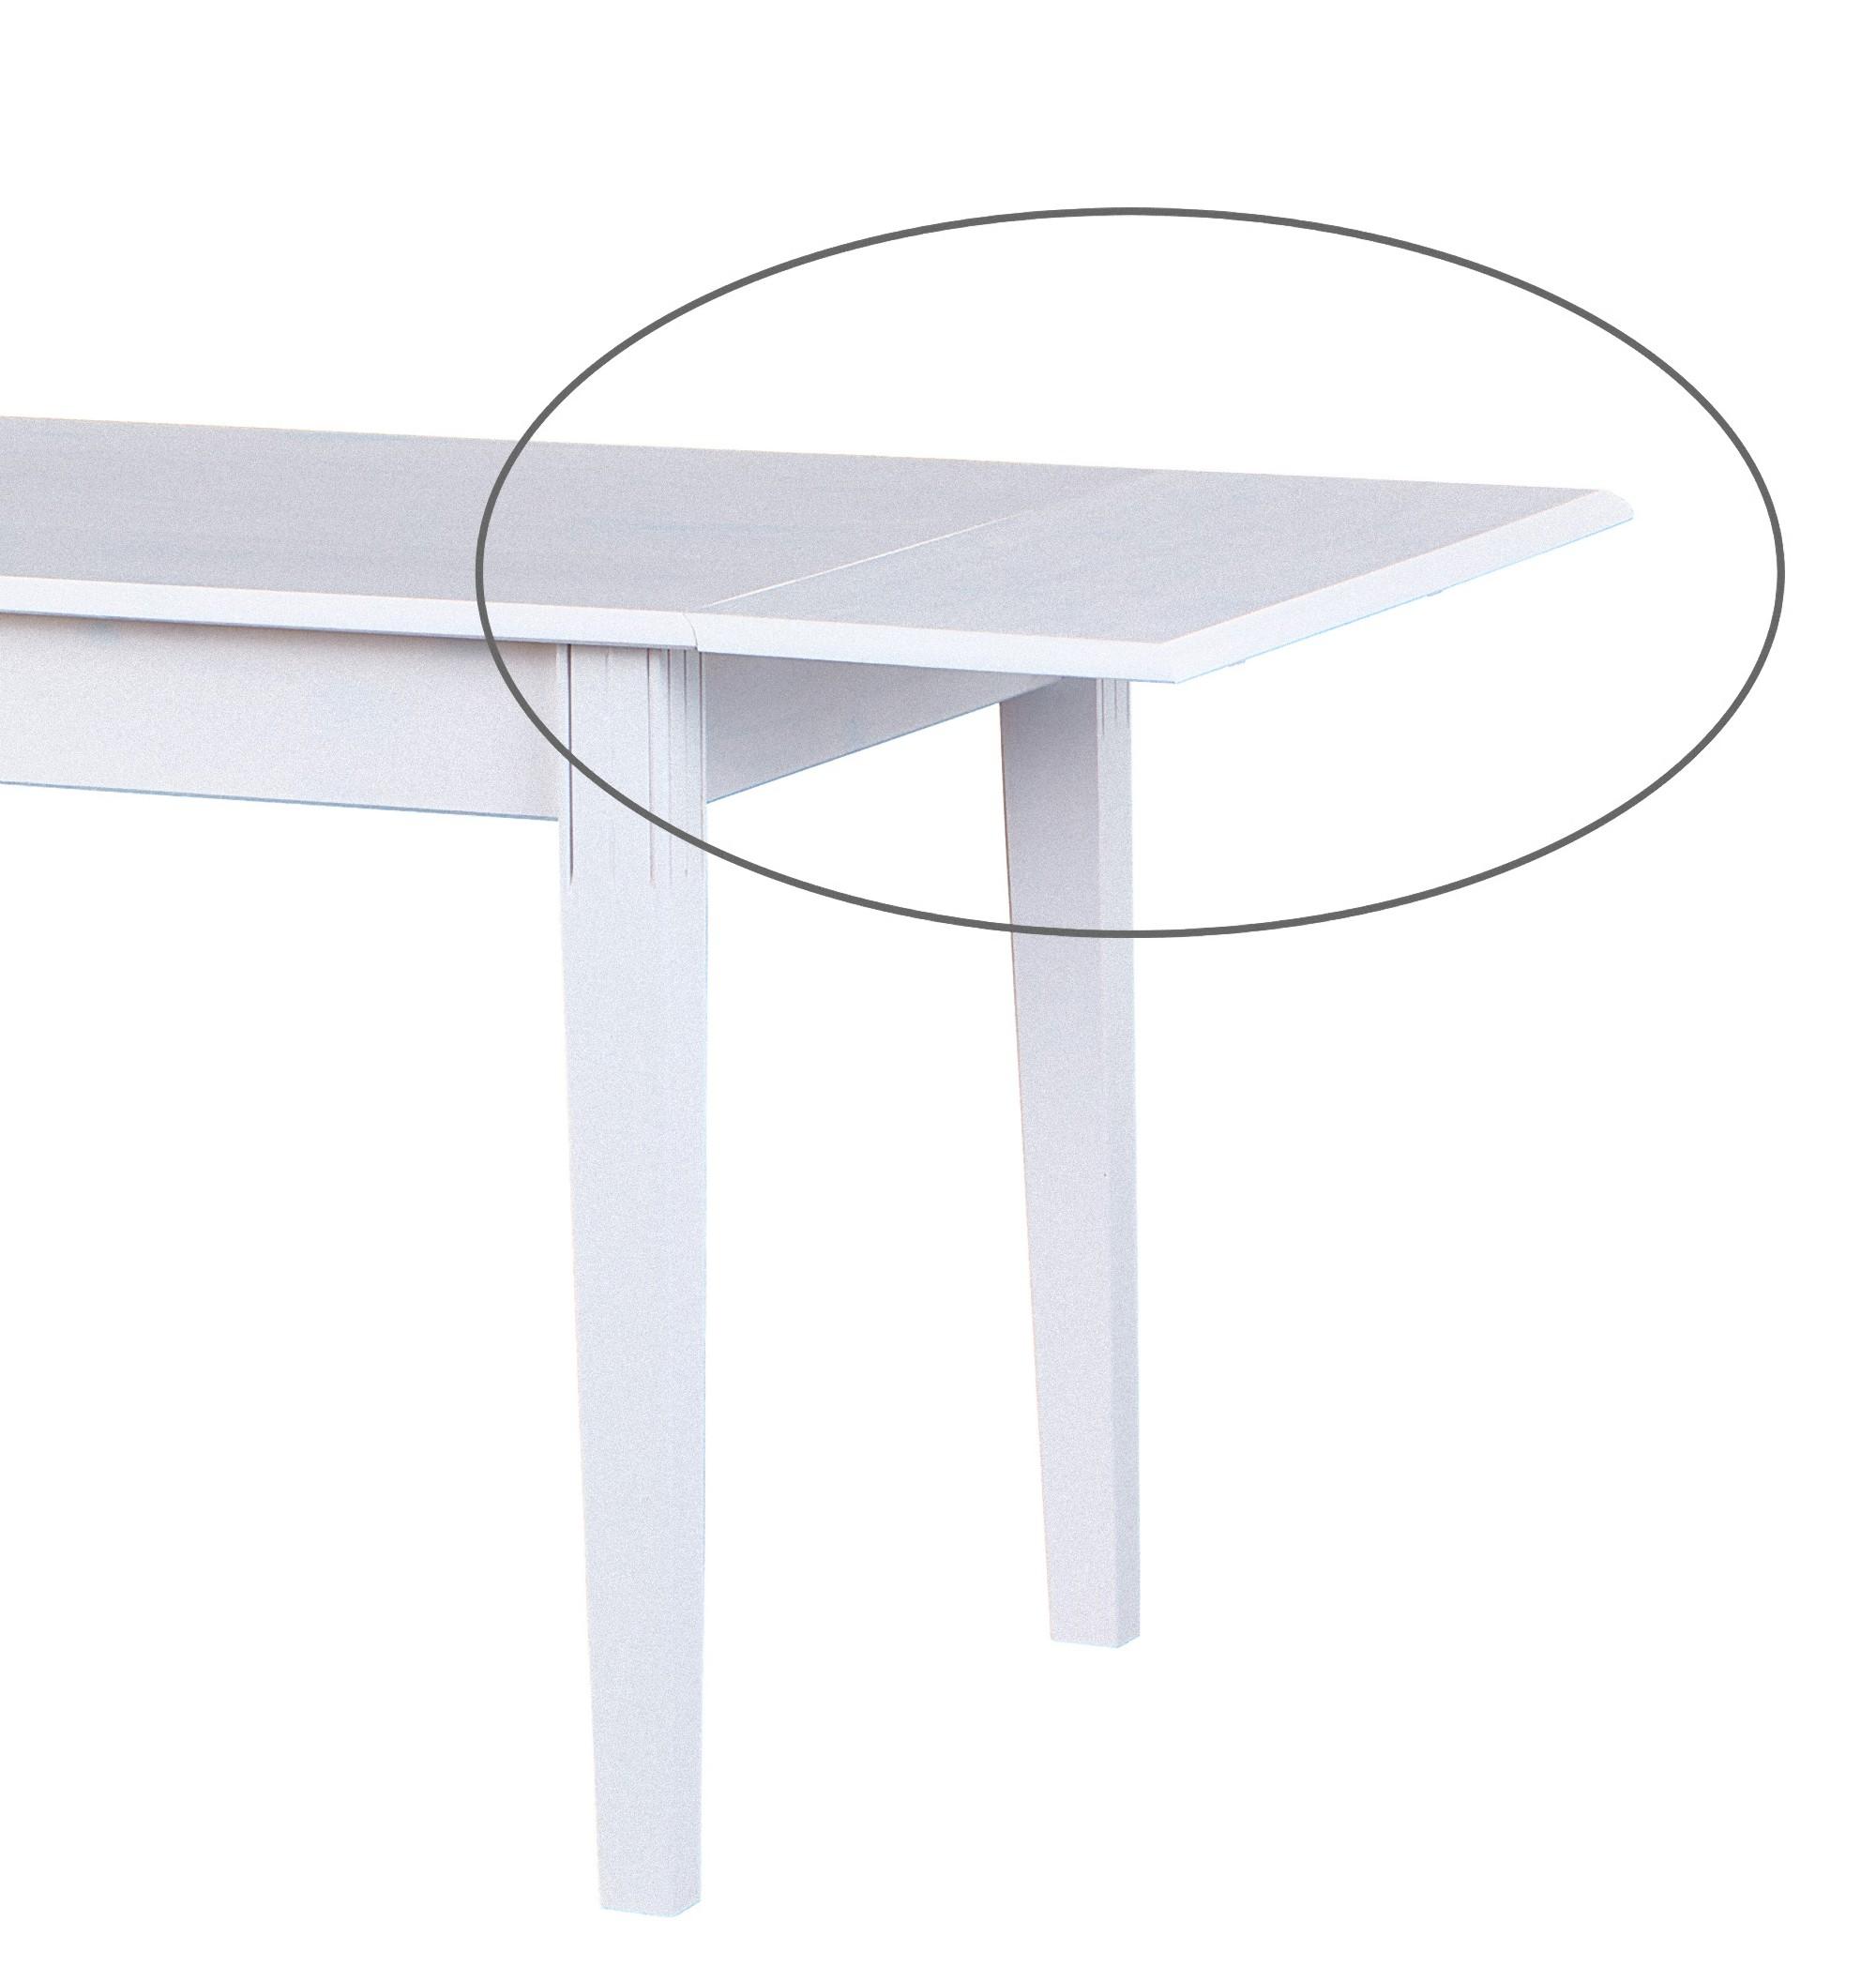 Full Size of Esstisch Oval Weiß Weiss Weißes Regal Sofa Grau Rustikal Schweißausbrüche Wechseljahre Eiche Esstische Shabby 2m Kaufen Modern Ausziehbar 120x80 Glas Esstische Esstisch Oval Weiß